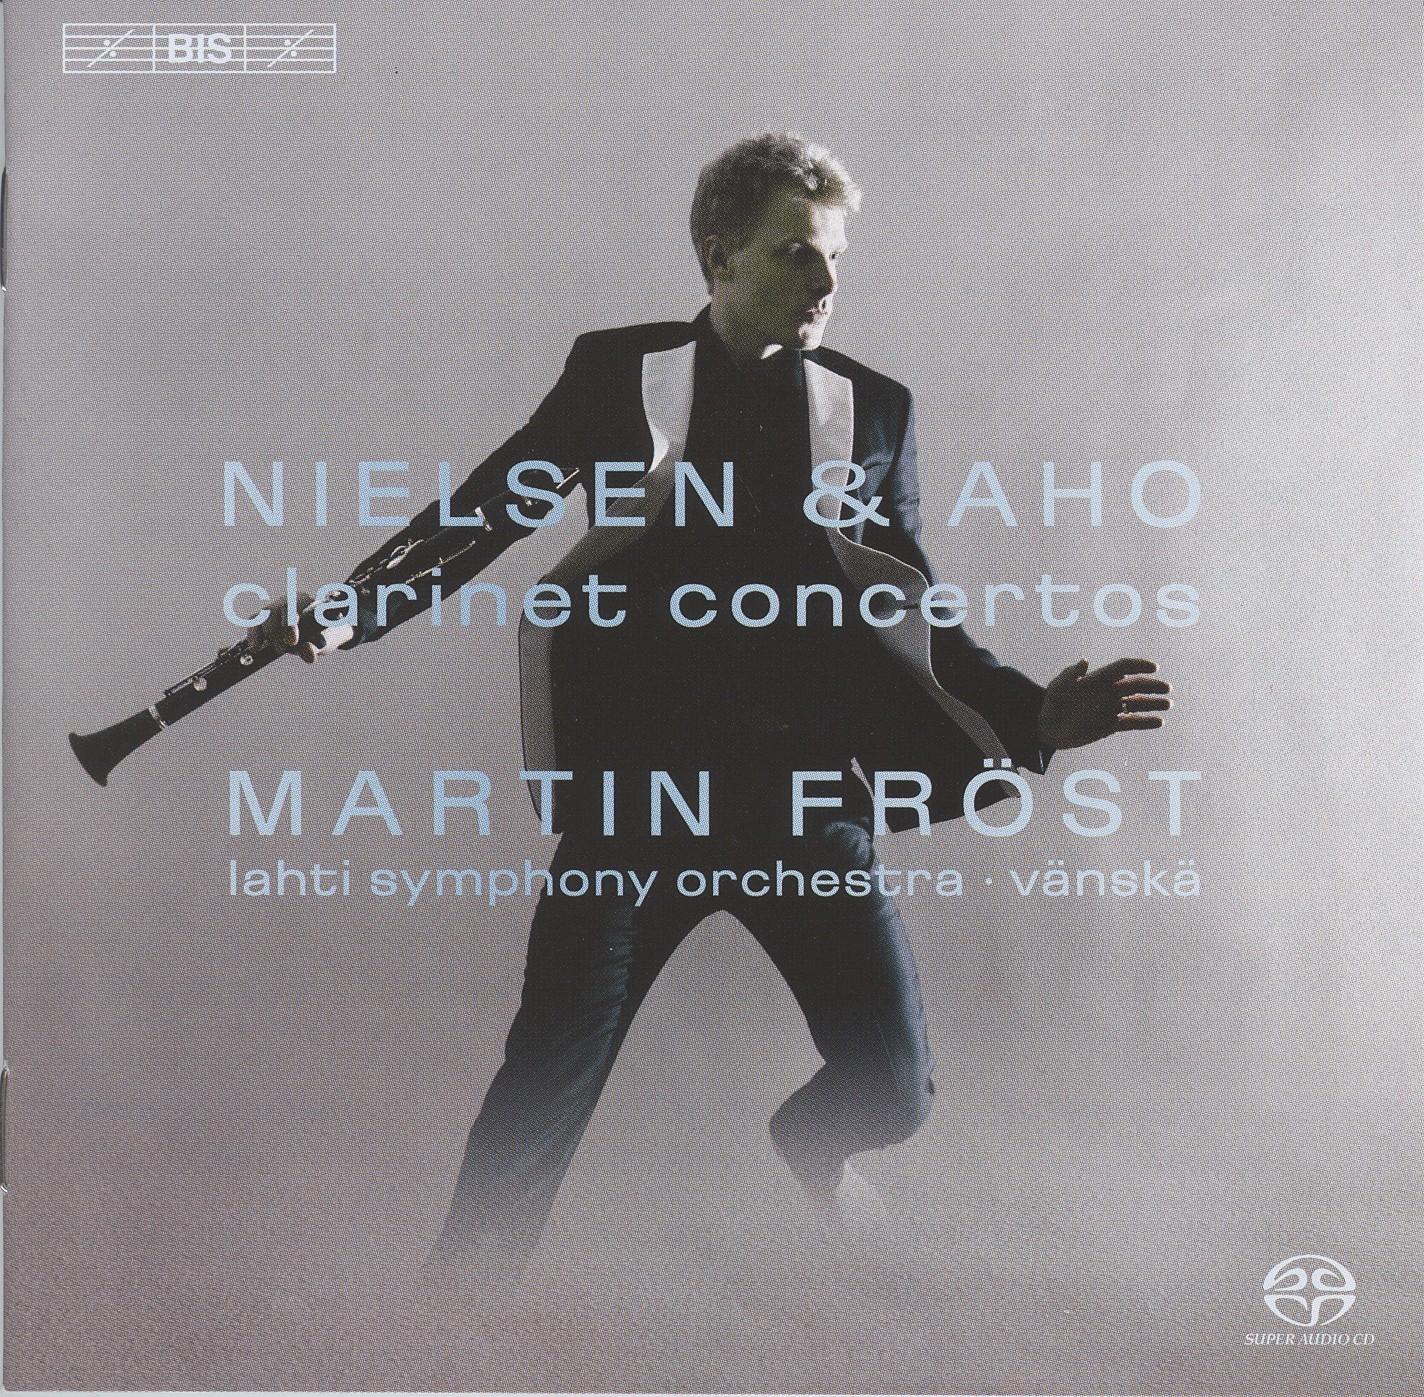 Nielsen & Aho – Clarinet Concertos